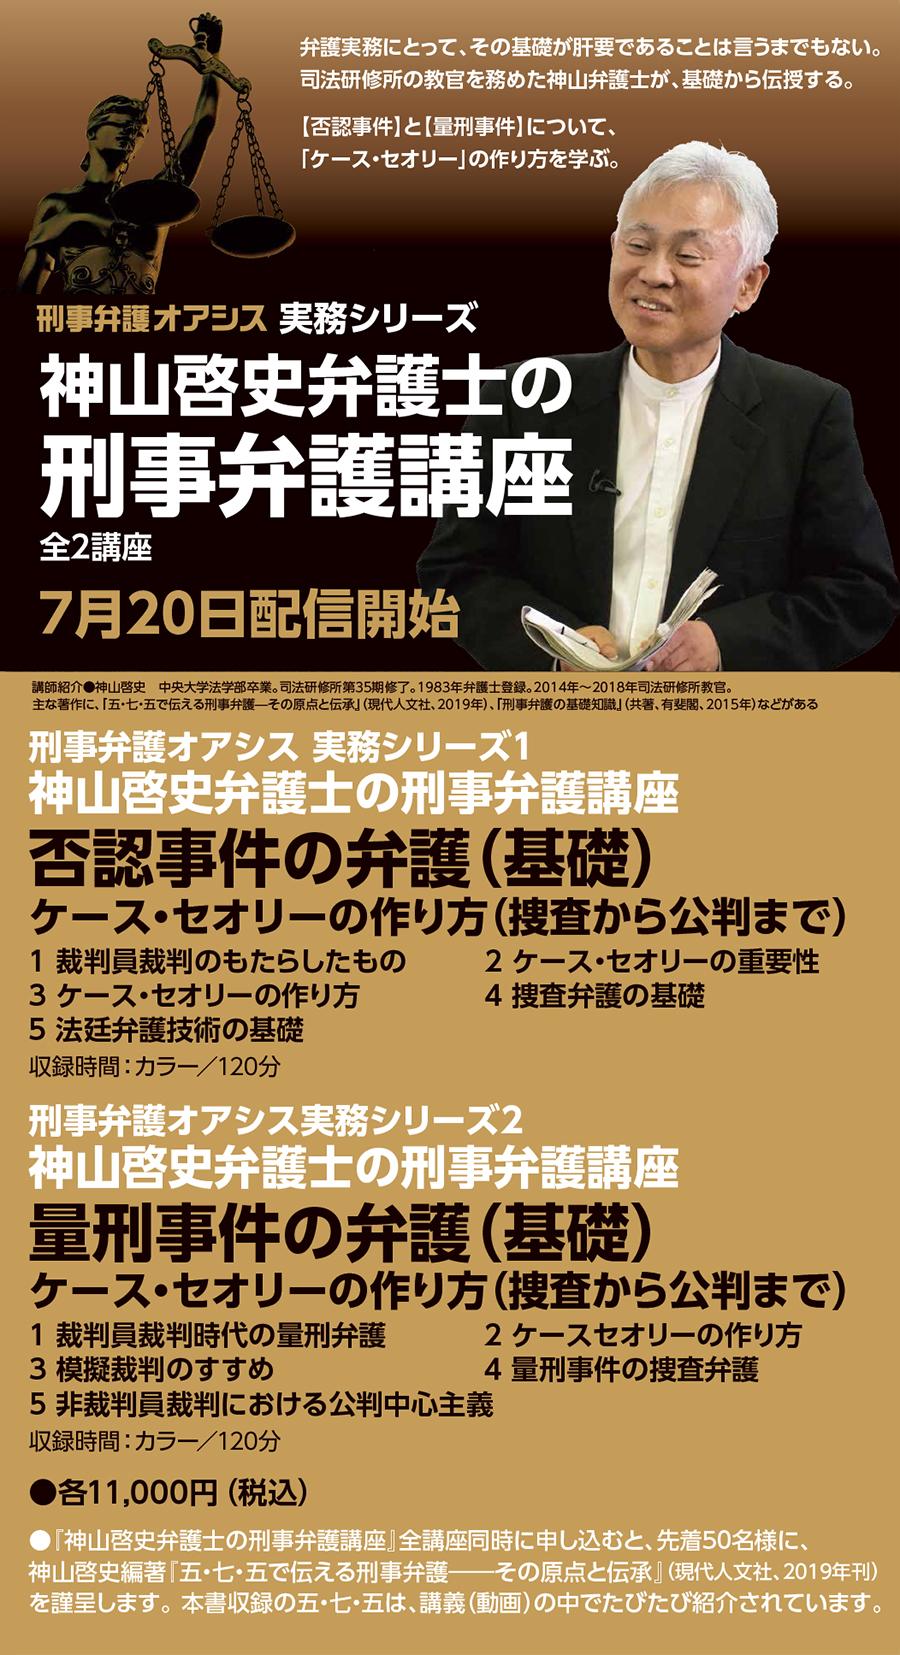 神山啓史弁護士の刑事弁護講座、否認事件の弁護、量刑事件の弁護、ケースセオリーの作り方(捜査から公判まで)